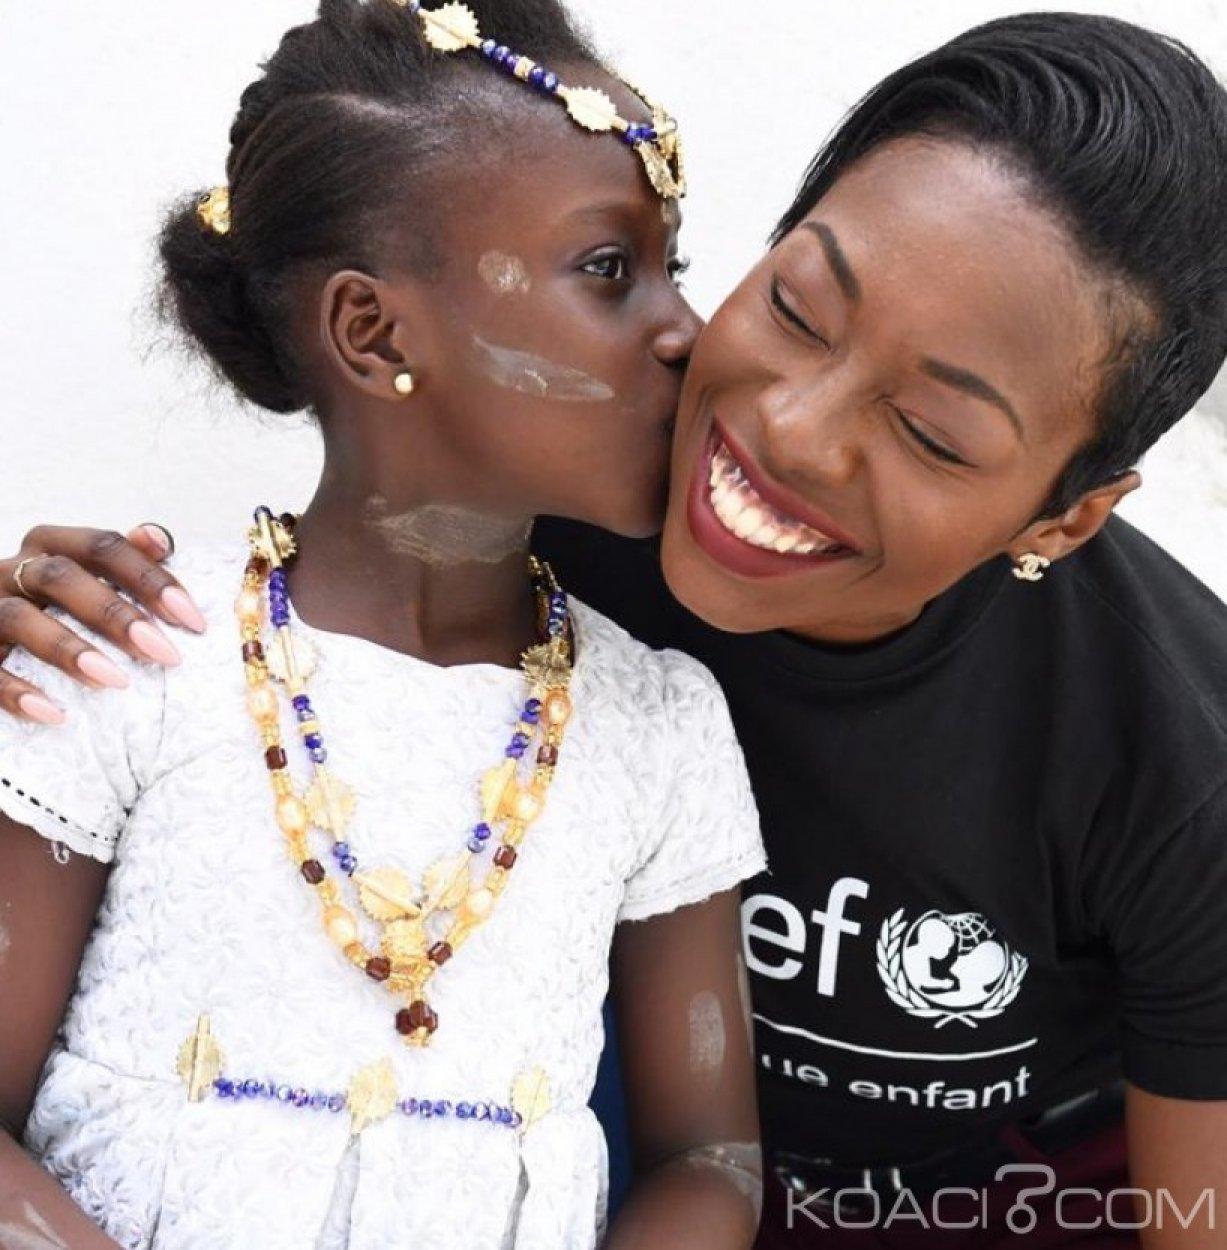 Côte d'Ivoire : Abidjan, l'UNICEF appelle les populations à la vigilance face aux escrocs qui agissent en son nom et utilise son logo à d'autres fins